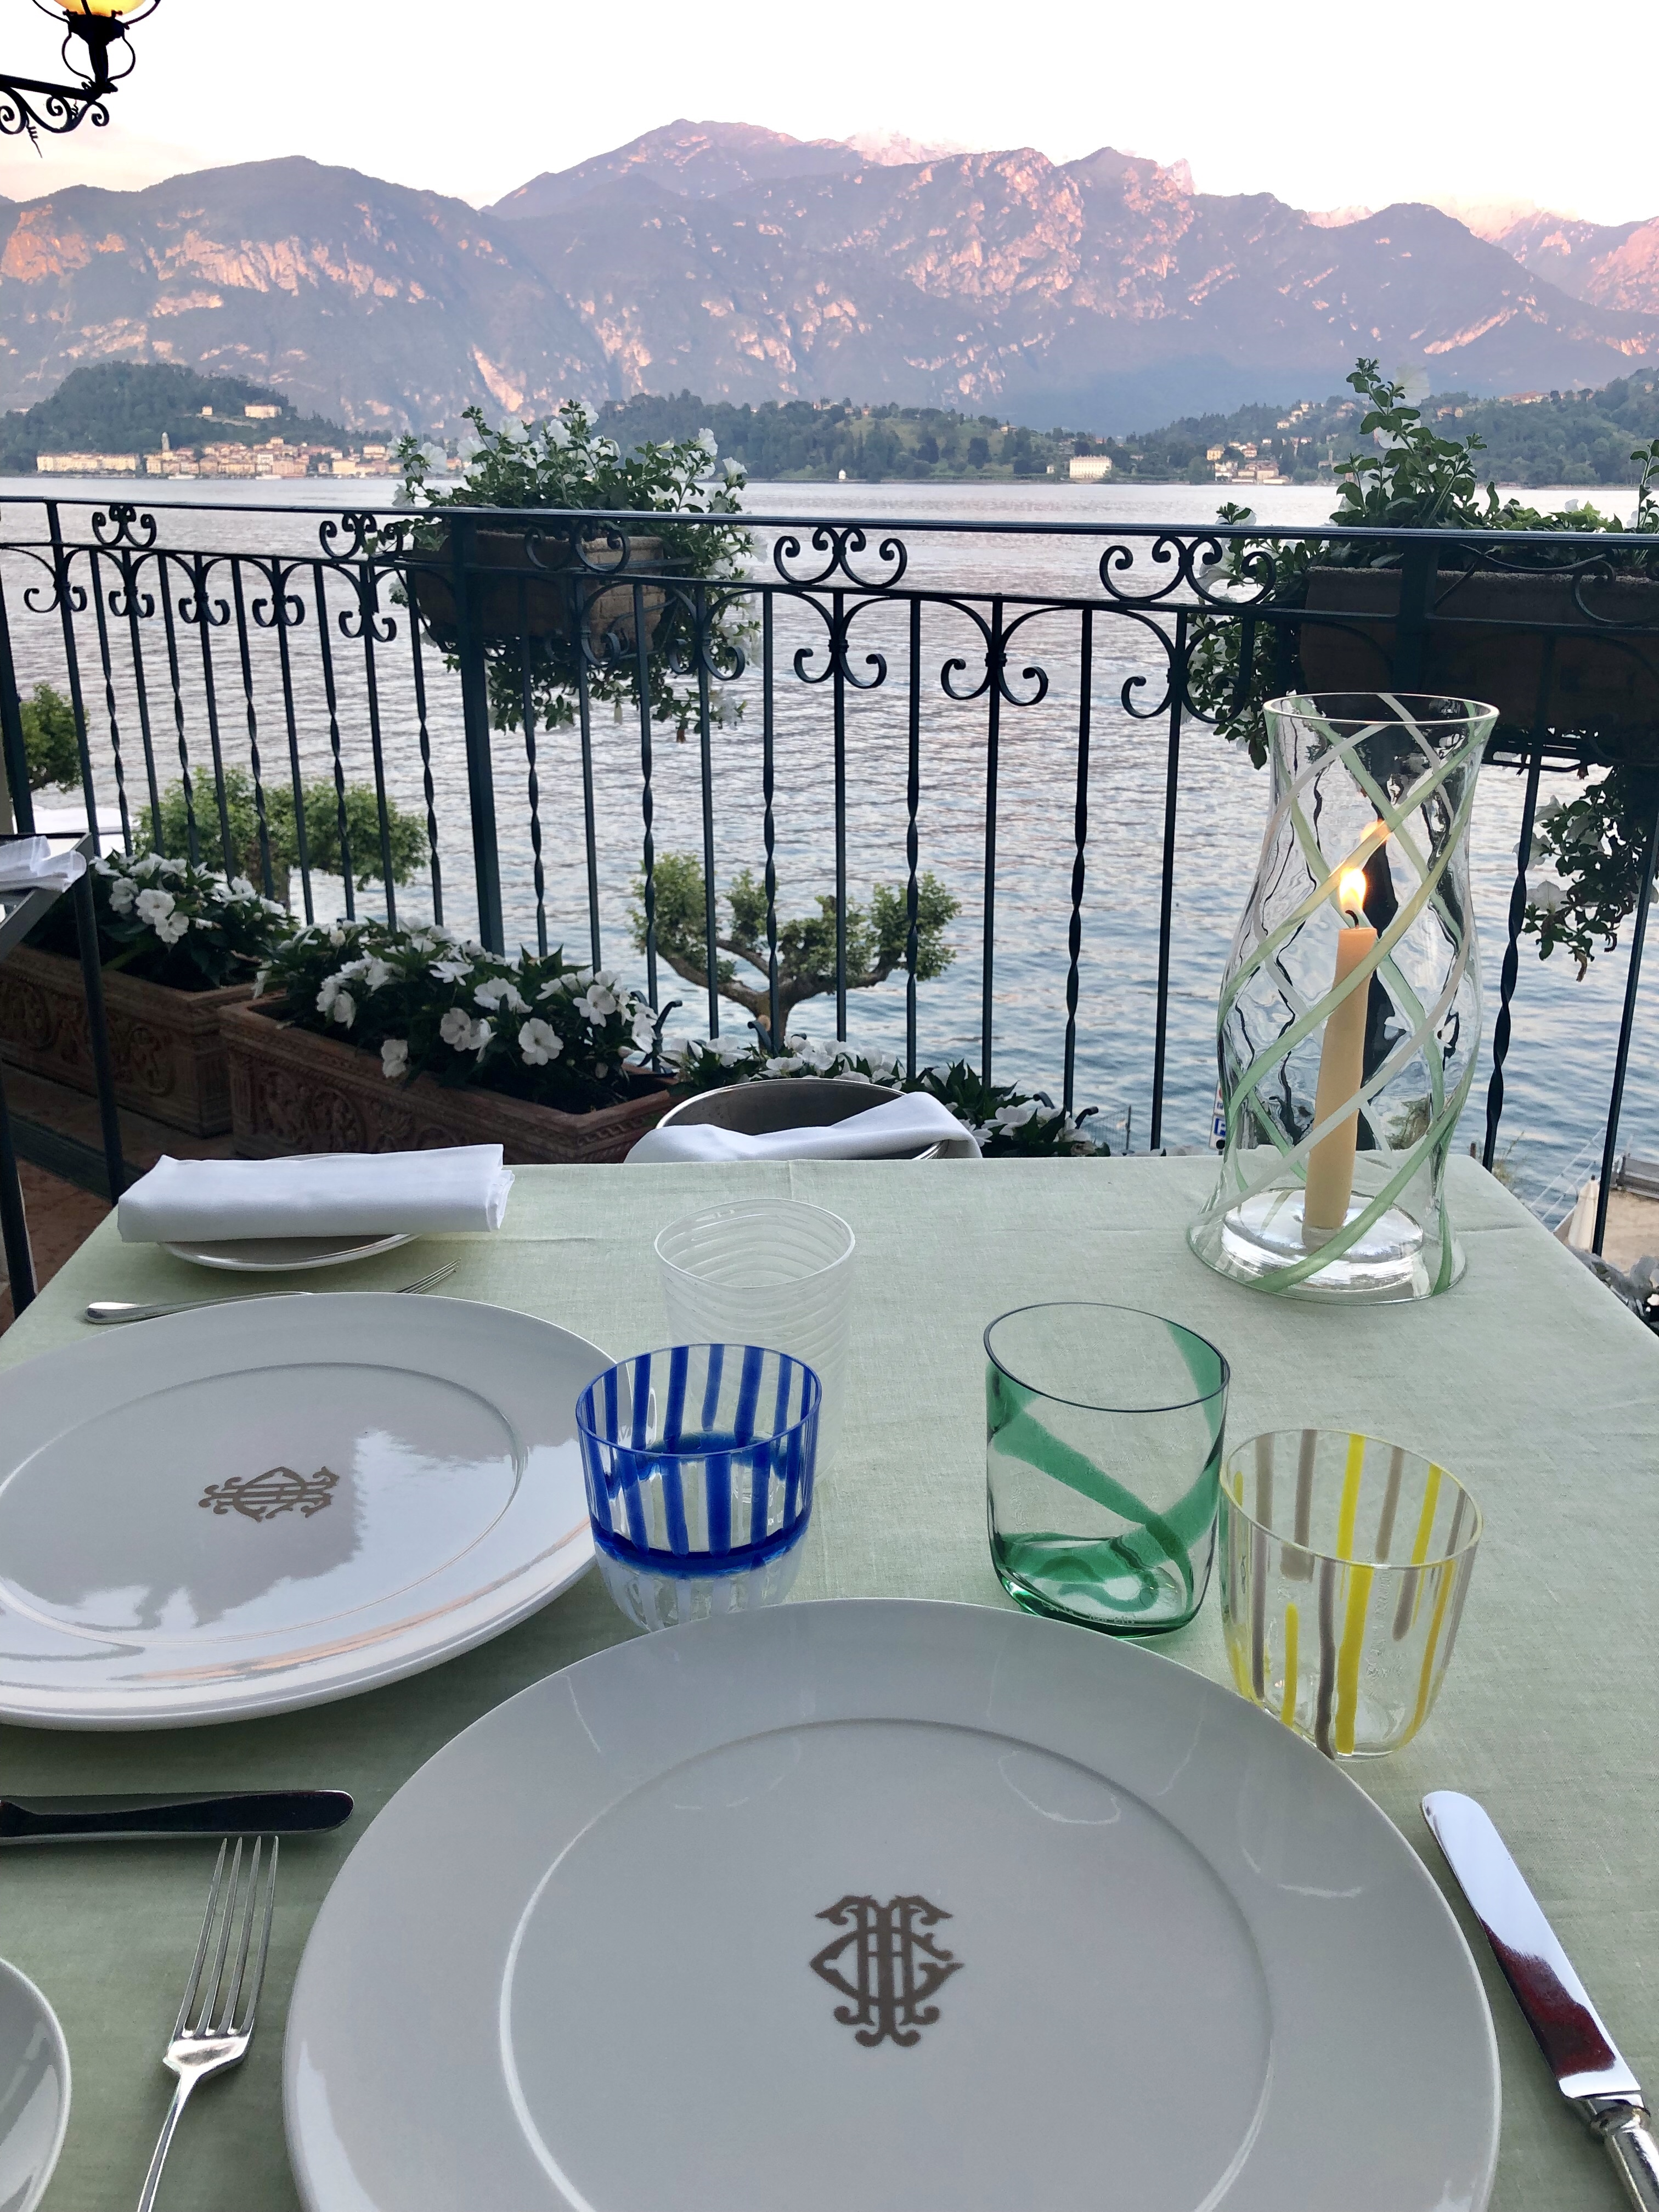 La Terrazza Gualtiero Marchesi At Grand Hotel Tremezzo